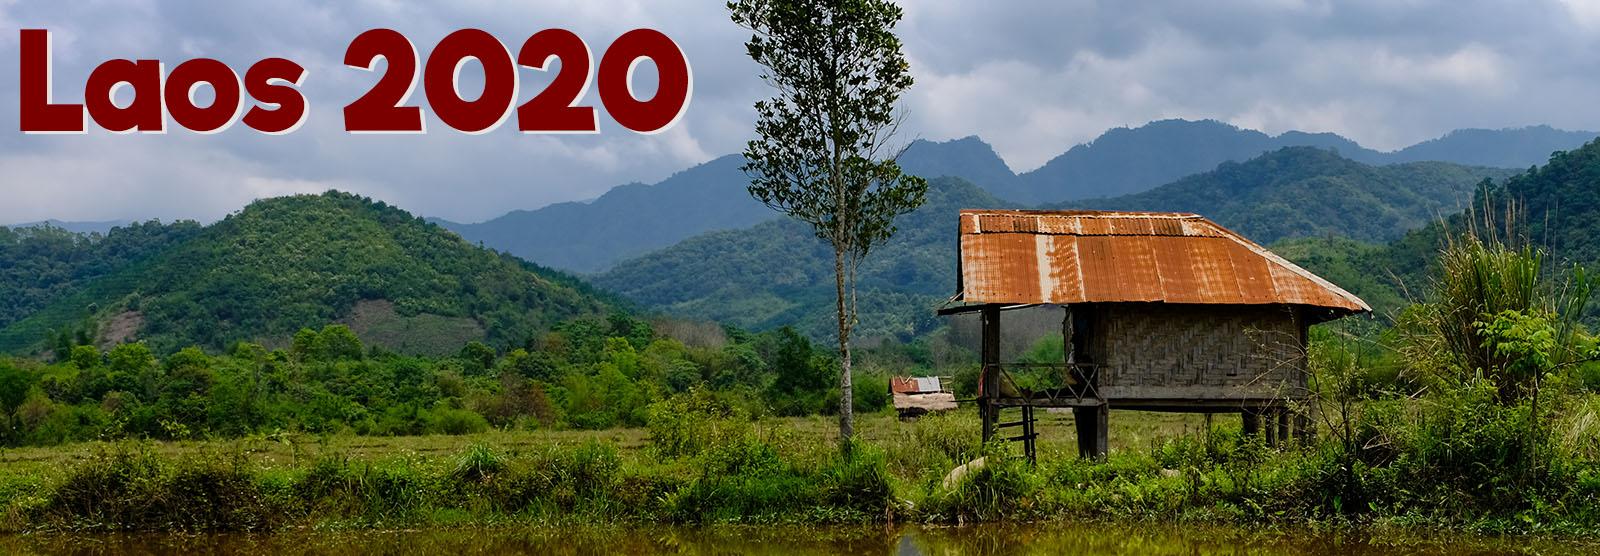 Laos 2020